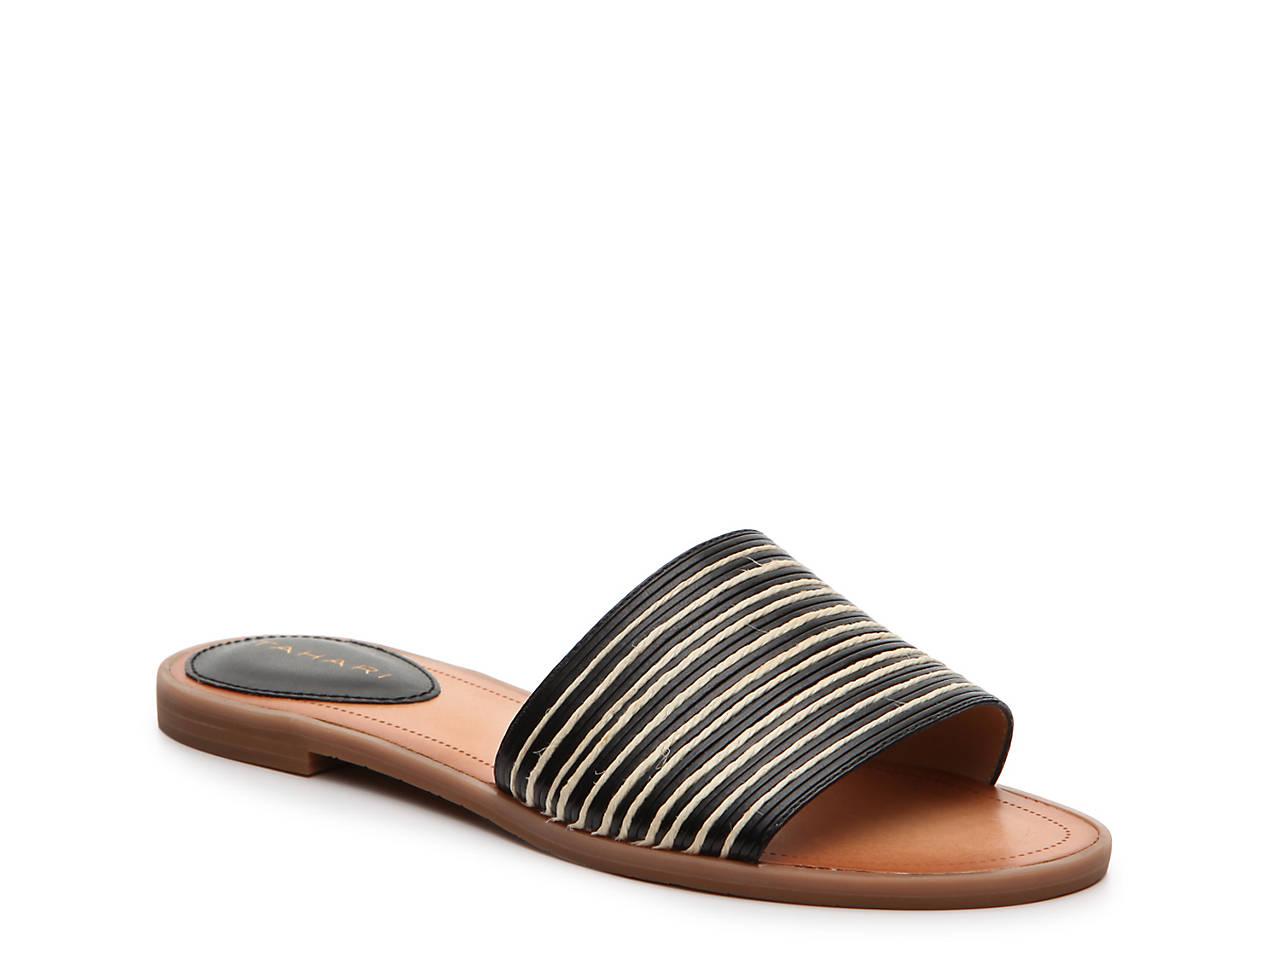 Tahari Padma Sandal